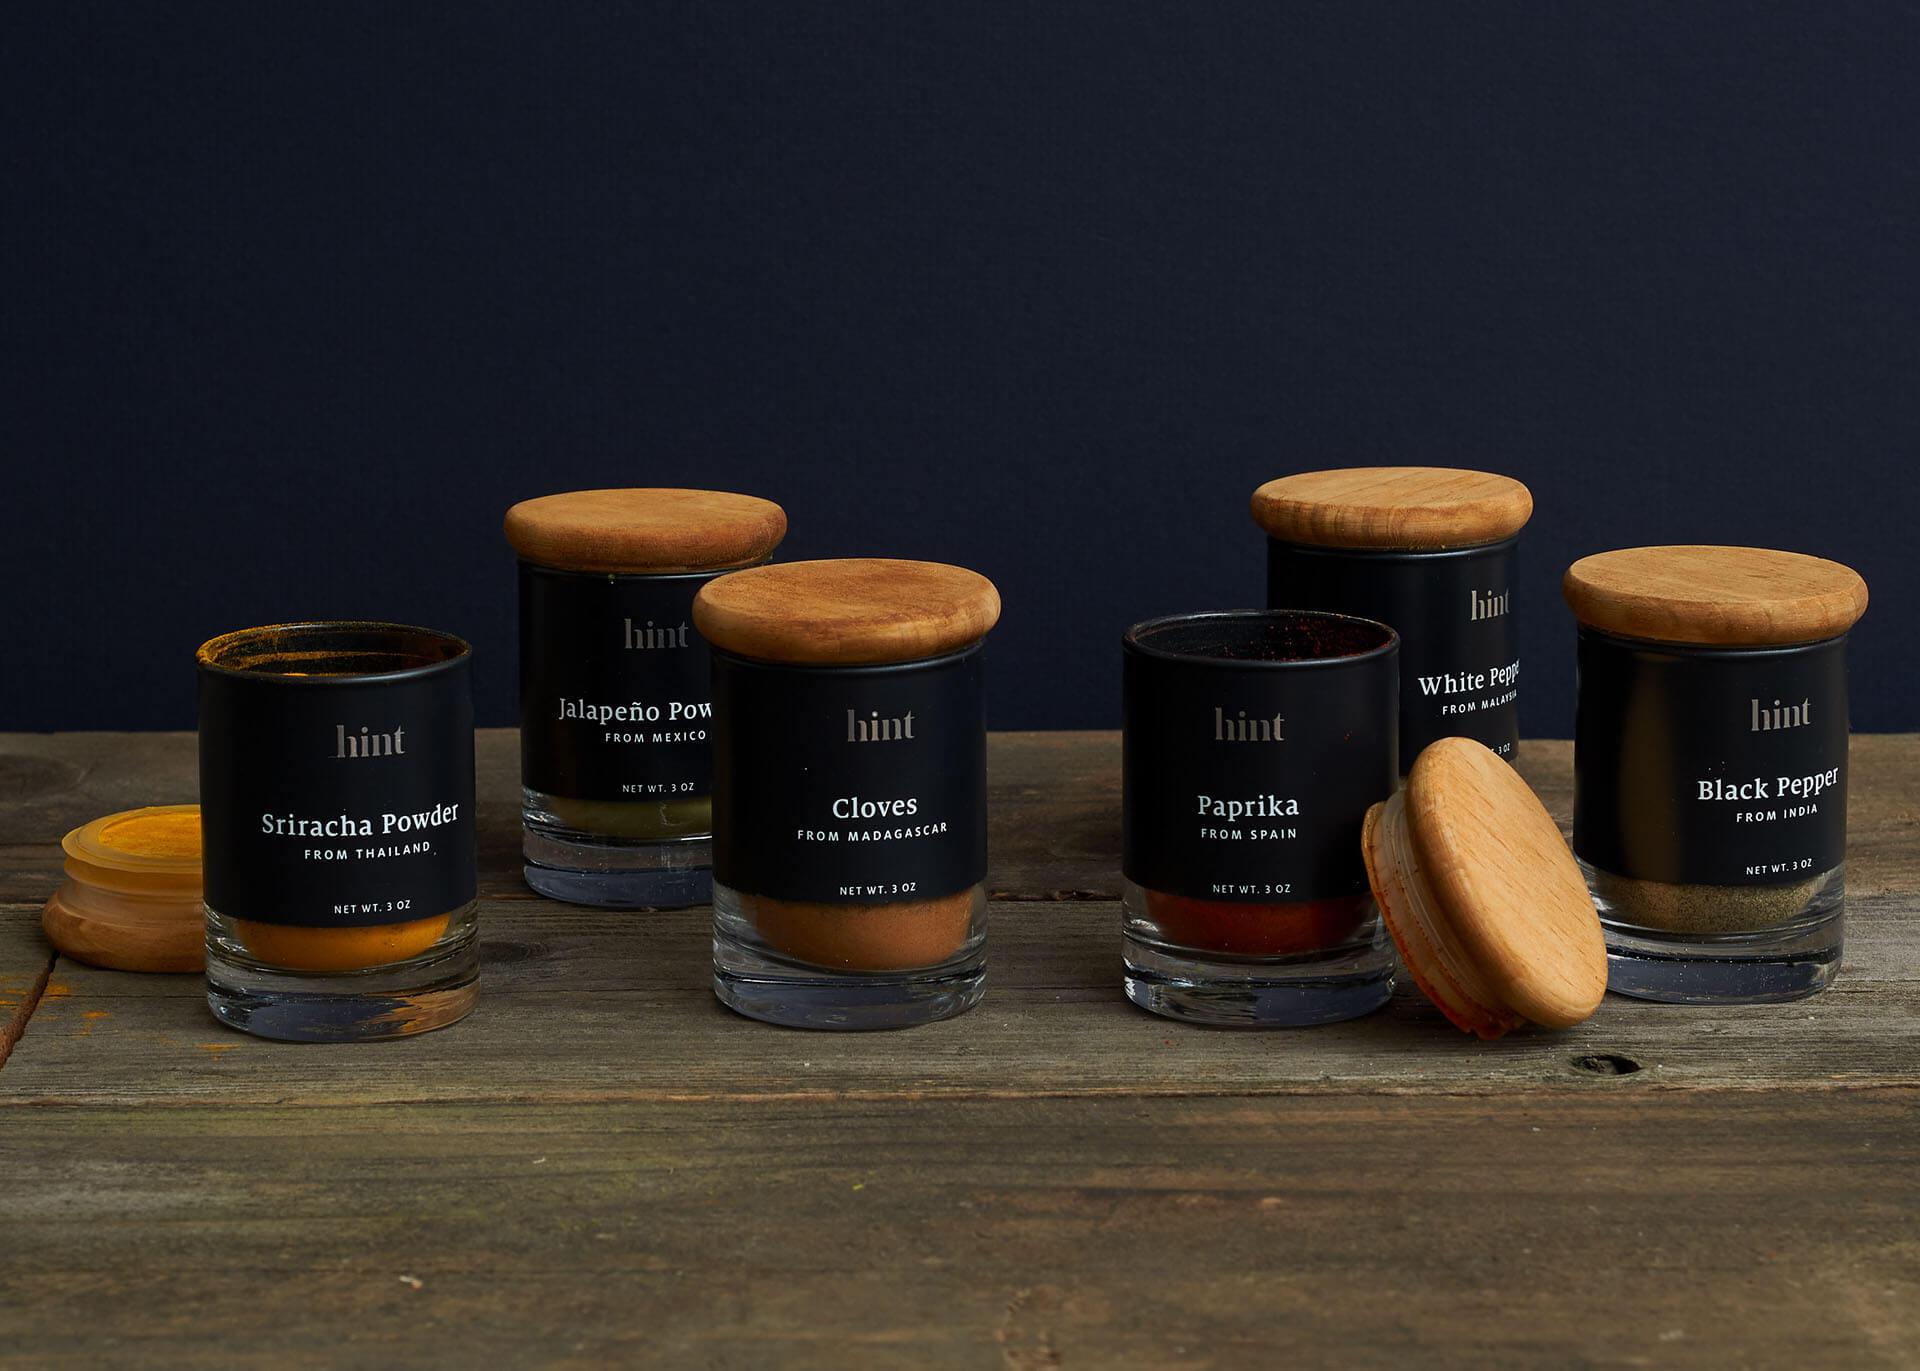 Épices de Hint, dans leur emballage noir avec un couvercle en bois